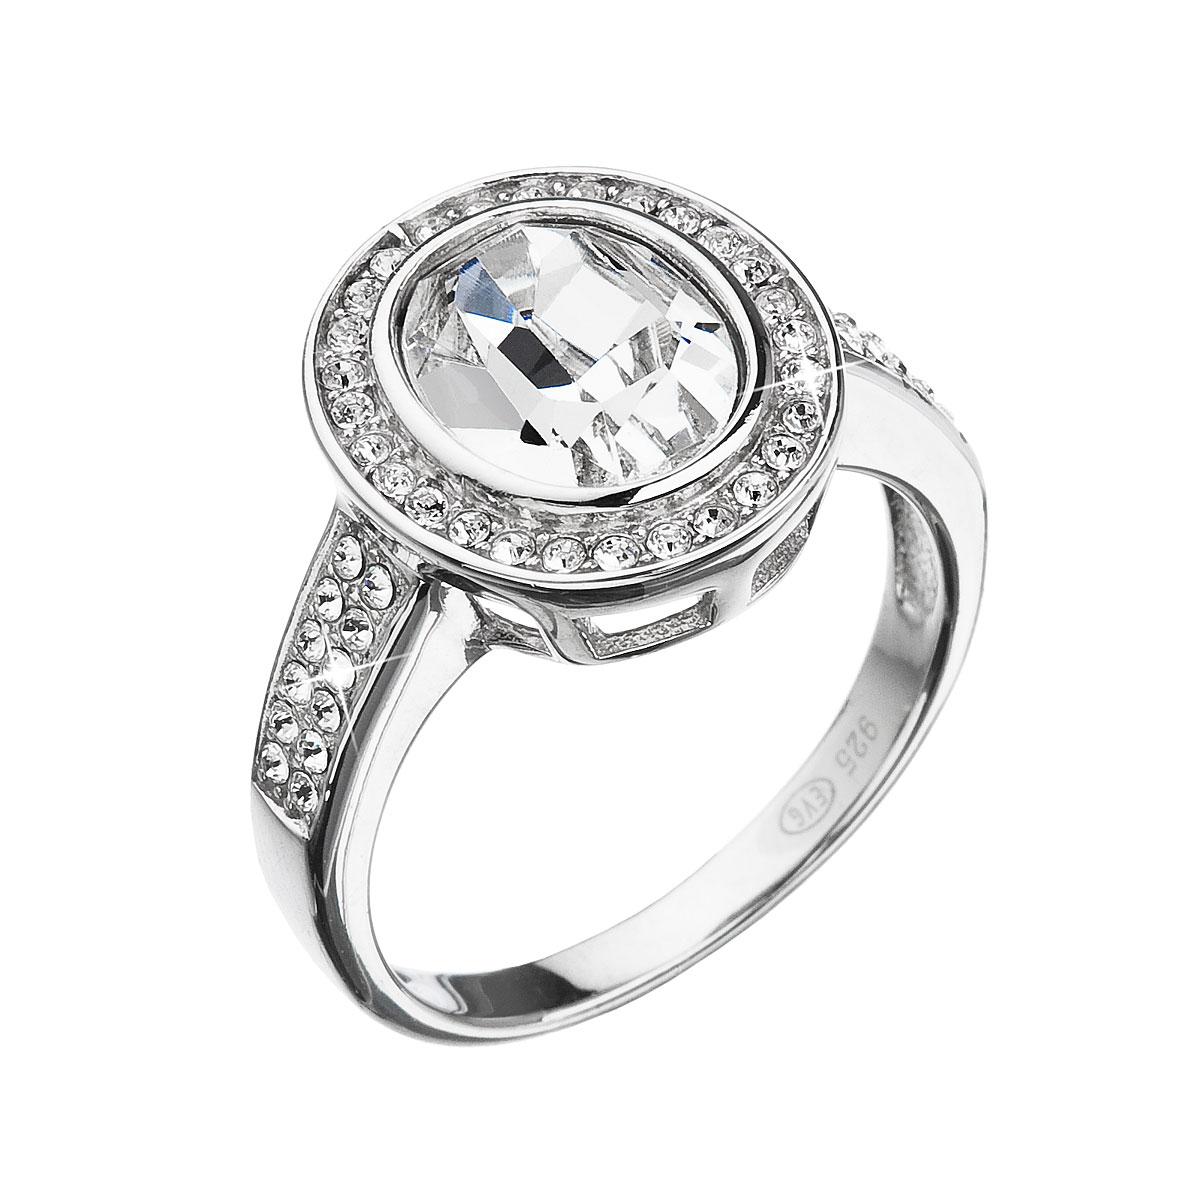 Strieborný prsteň s krištáľmi Swarovski biely 35048.1